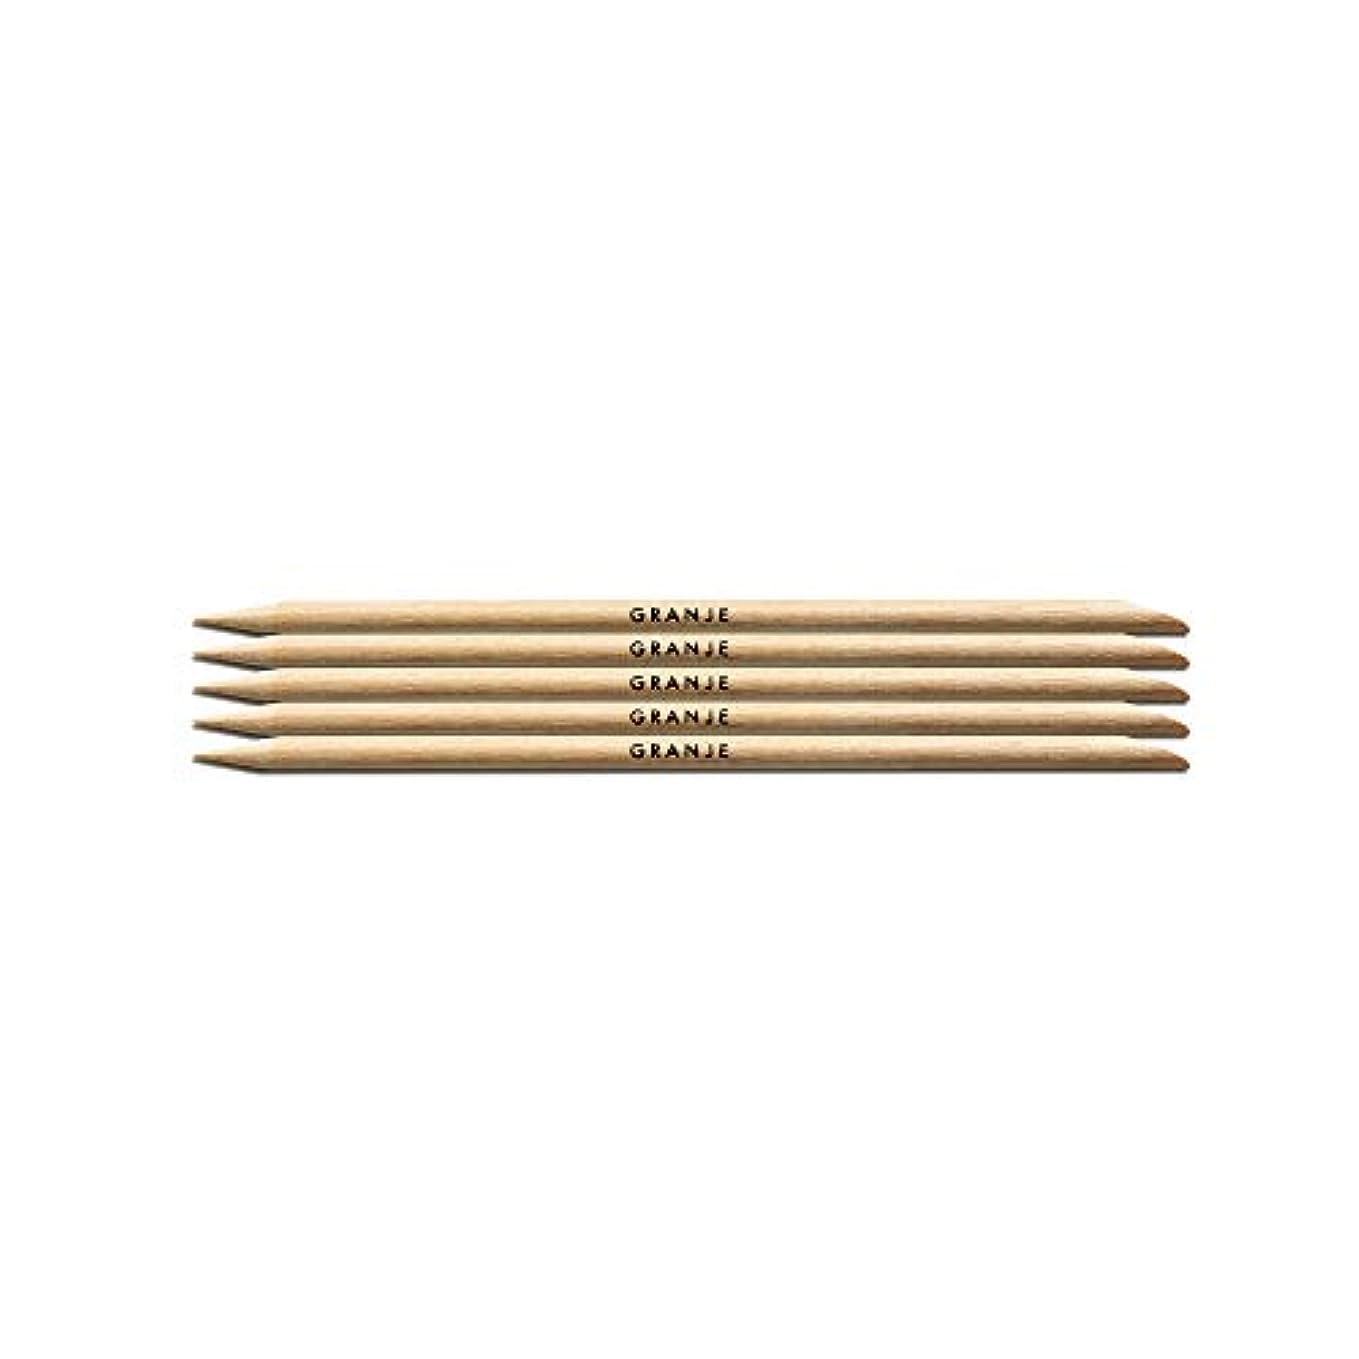 建設地平線形式GRANJE(グランジェ) WOOD STICK ウッドスティック [セルフジェルネイル/ネイルツール]